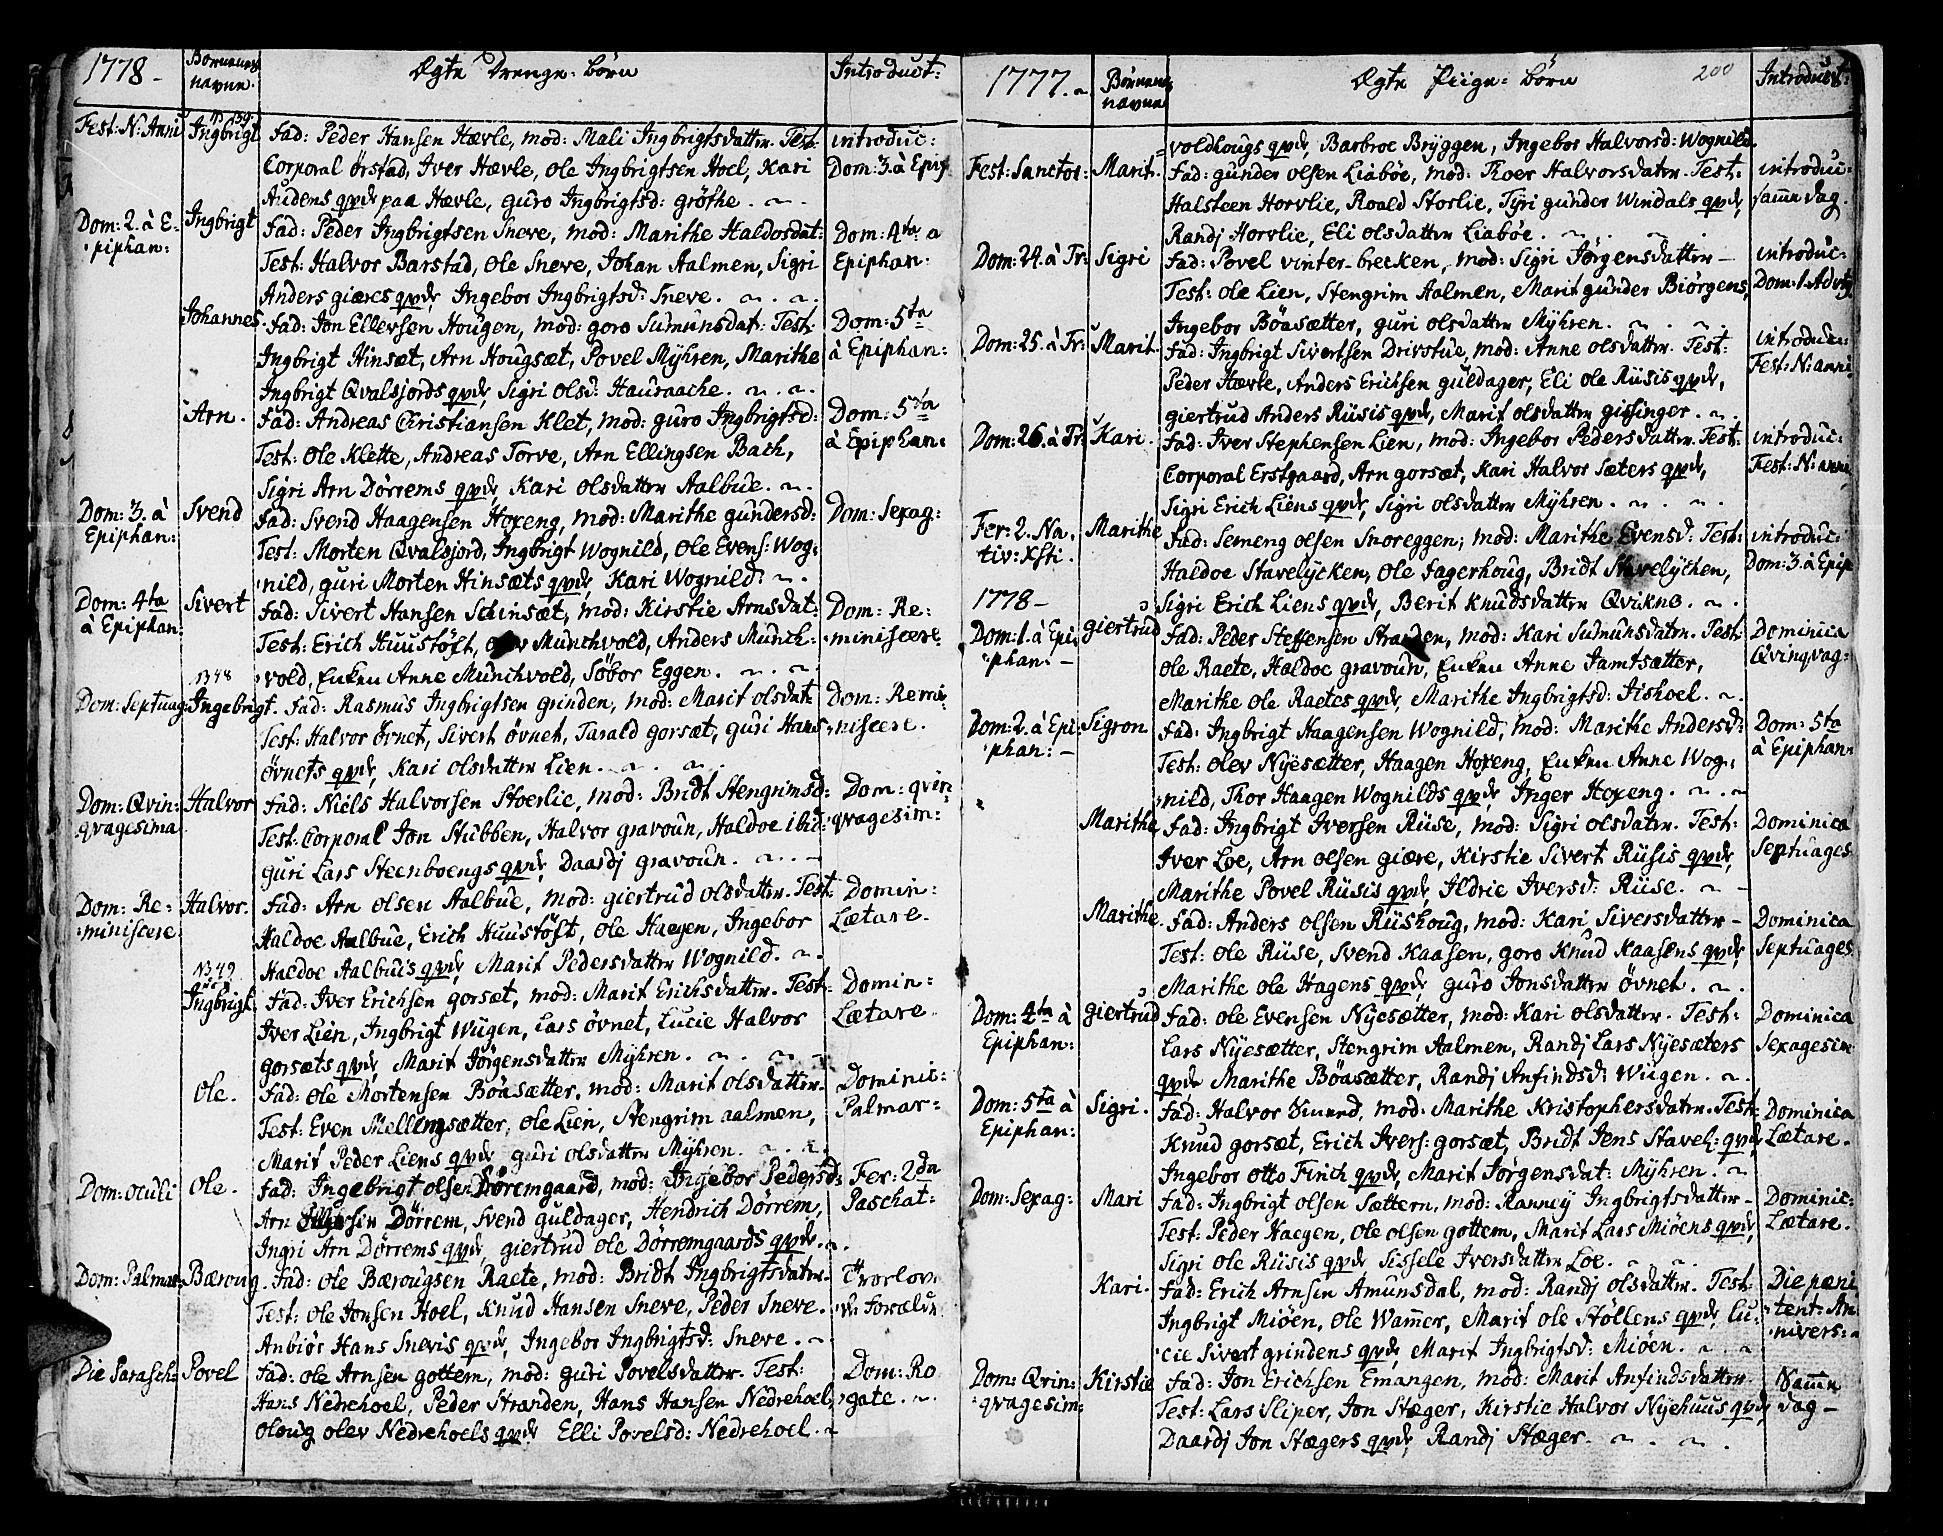 SAT, Ministerialprotokoller, klokkerbøker og fødselsregistre - Sør-Trøndelag, 678/L0891: Ministerialbok nr. 678A01, 1739-1780, s. 200